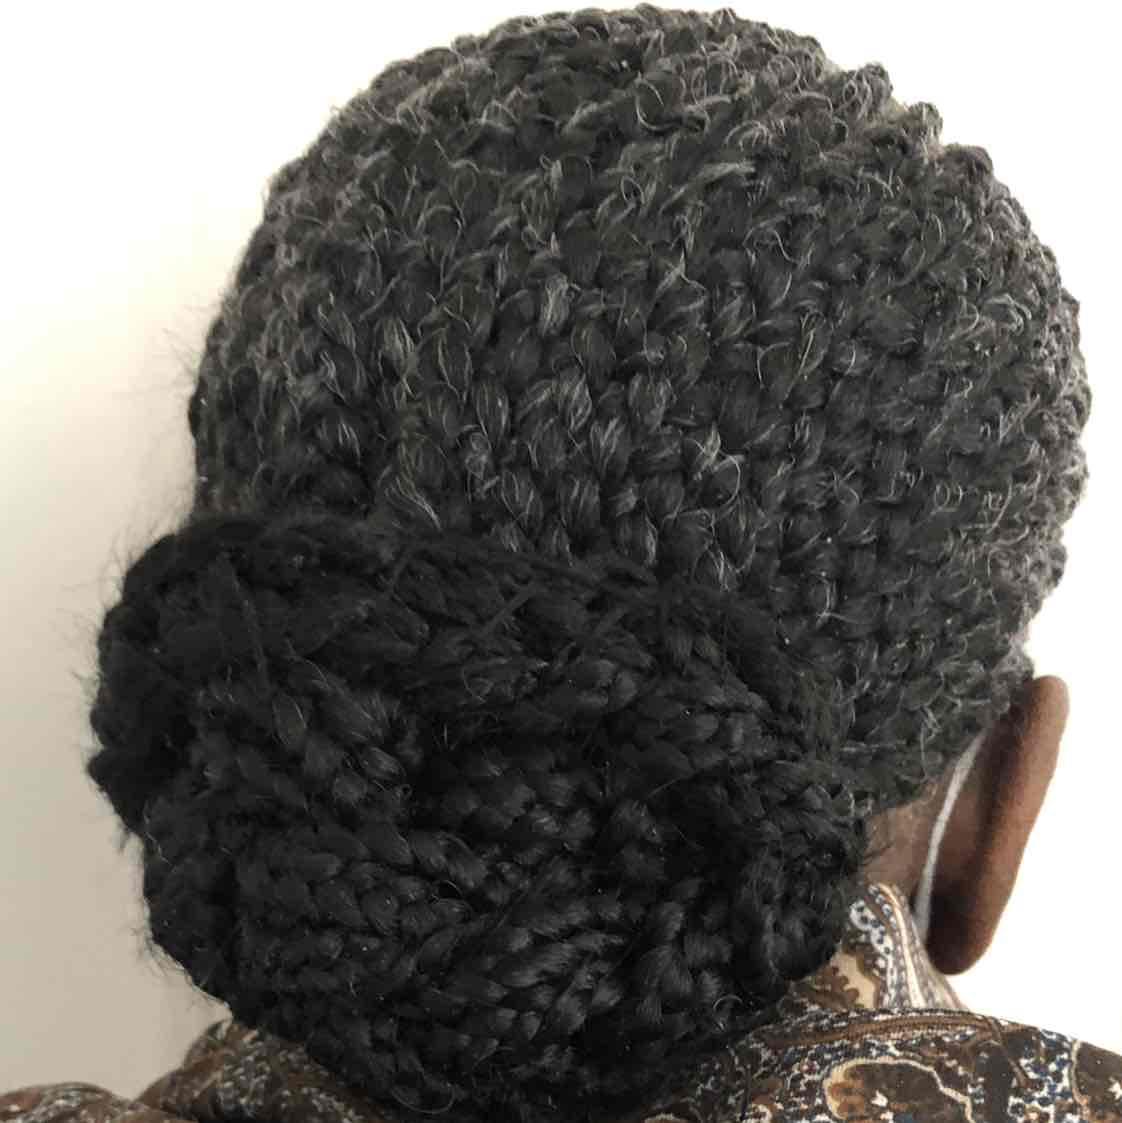 salon de coiffure afro tresse tresses box braids crochet braids vanilles tissages paris 75 77 78 91 92 93 94 95 CDOIFRFD